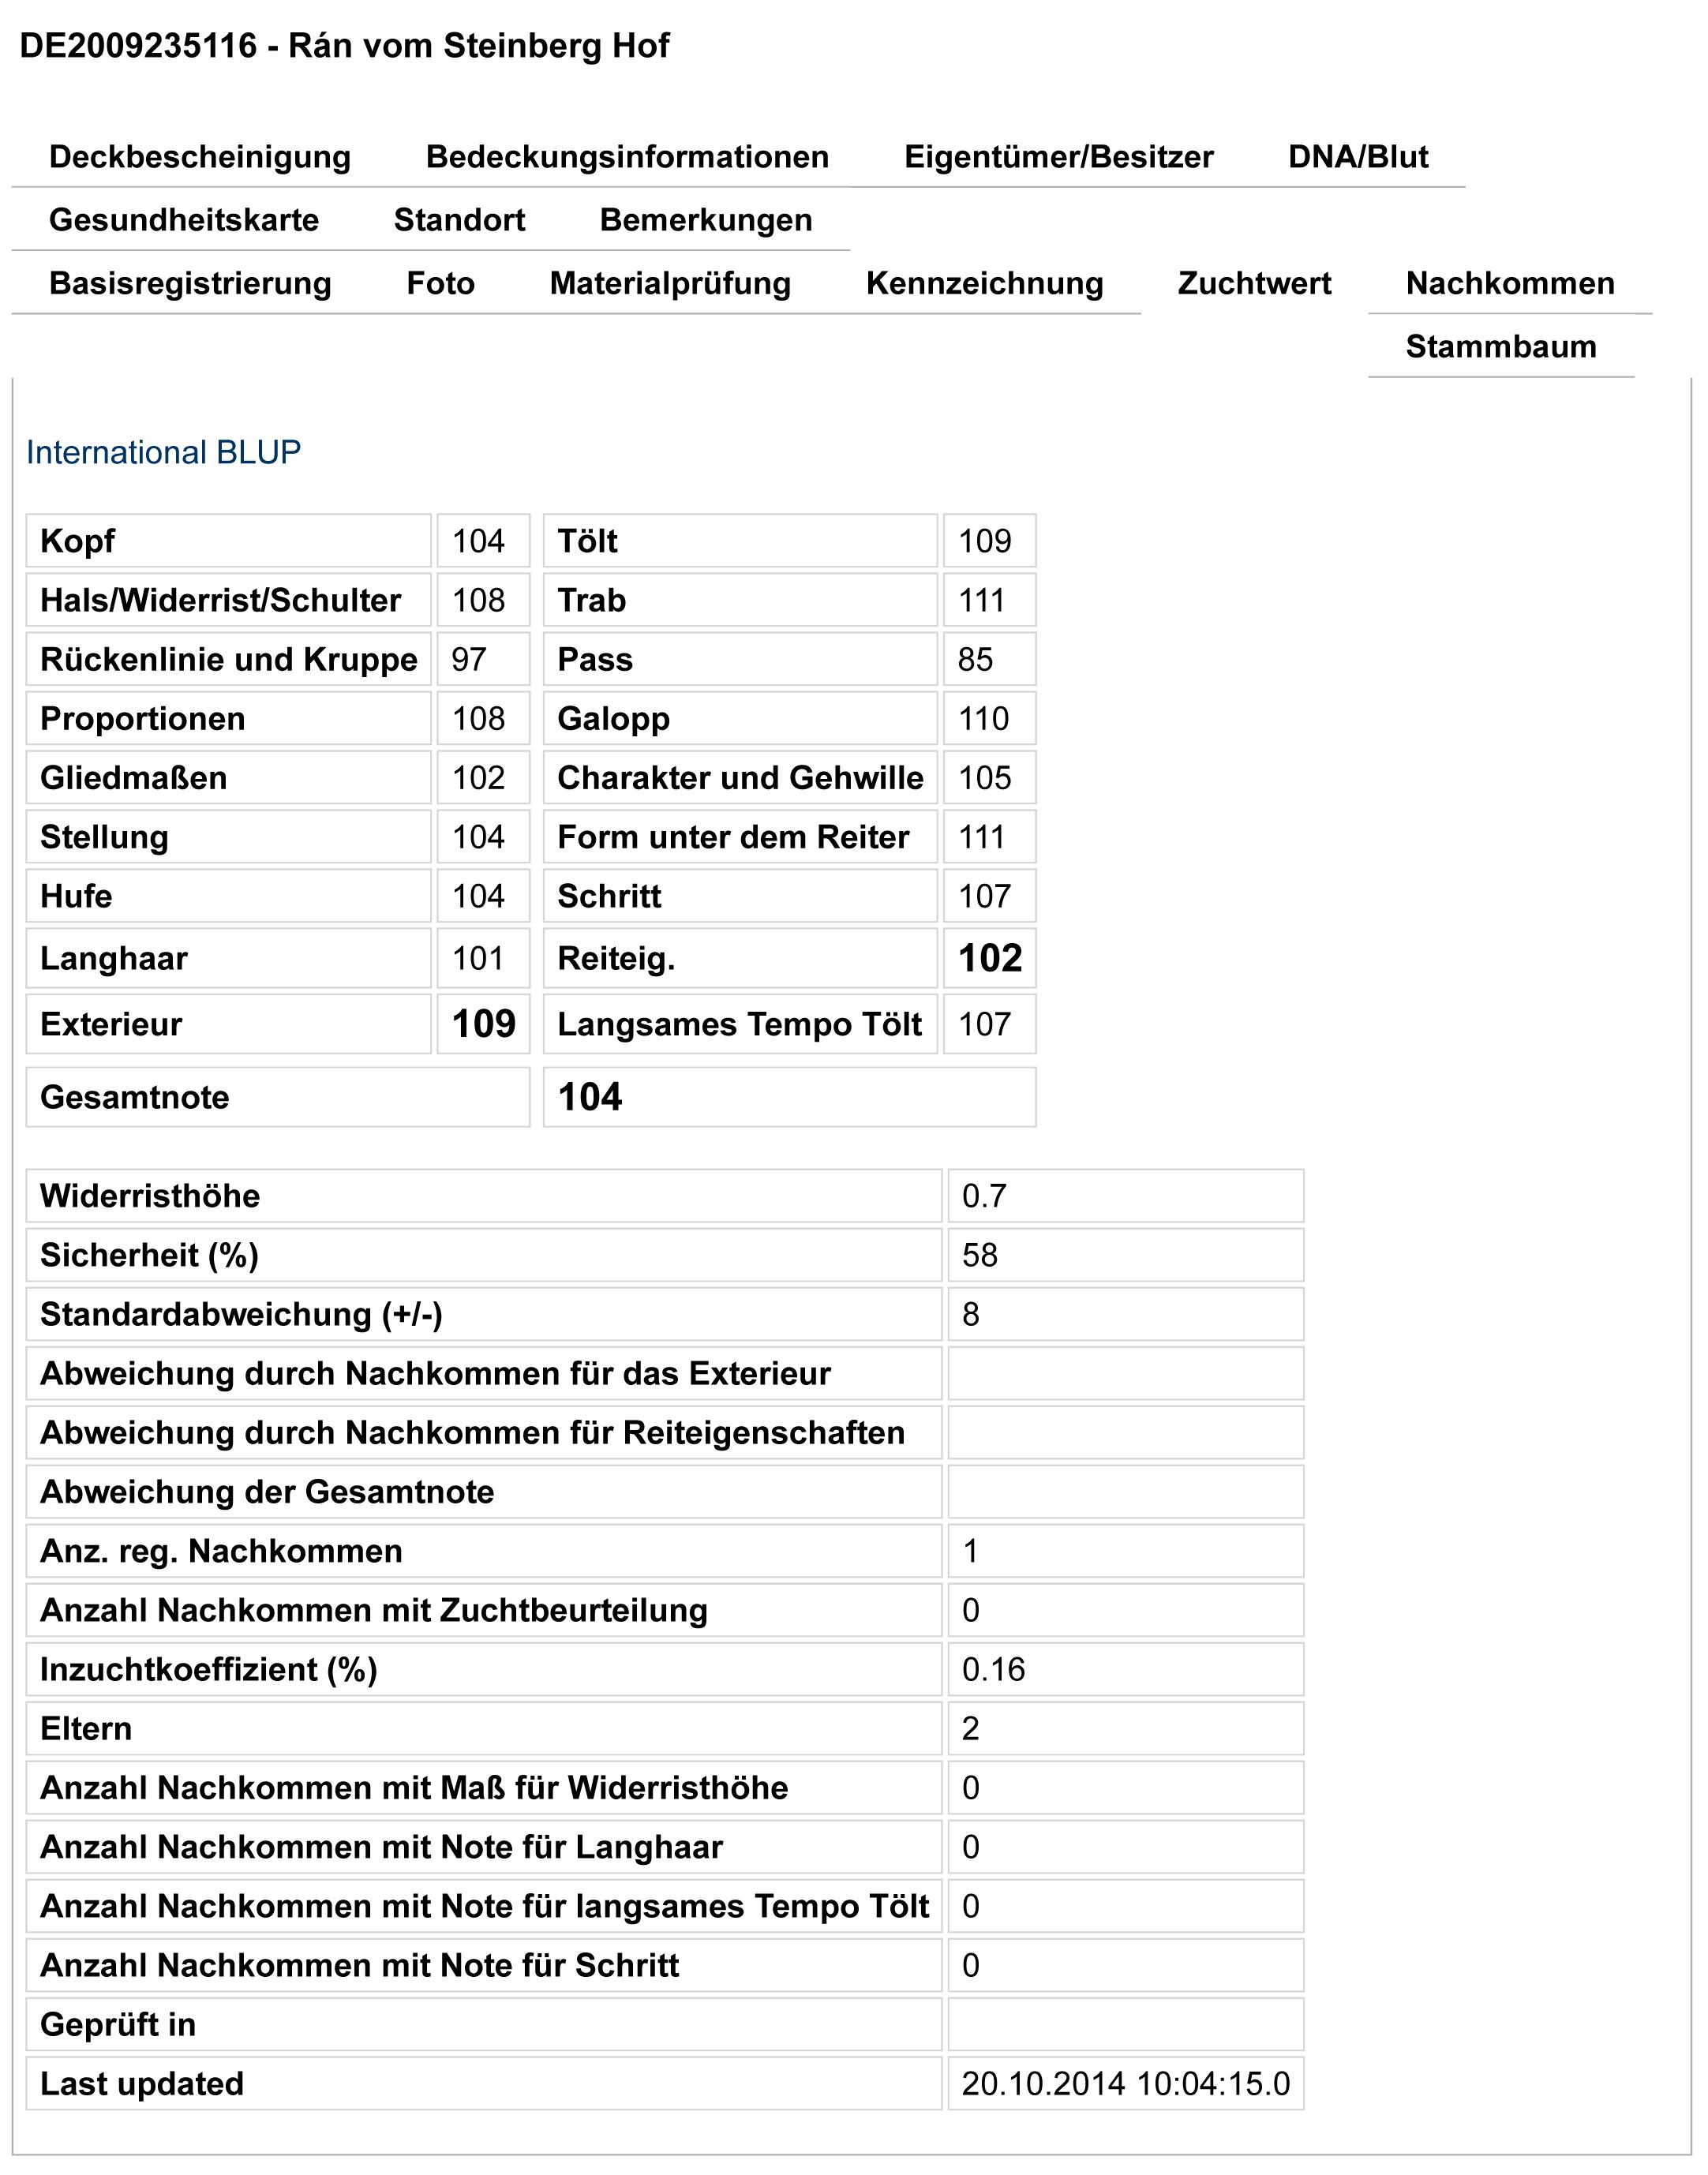 Ran-vom-Steinberg-Hof-BLUP-Worldfengur